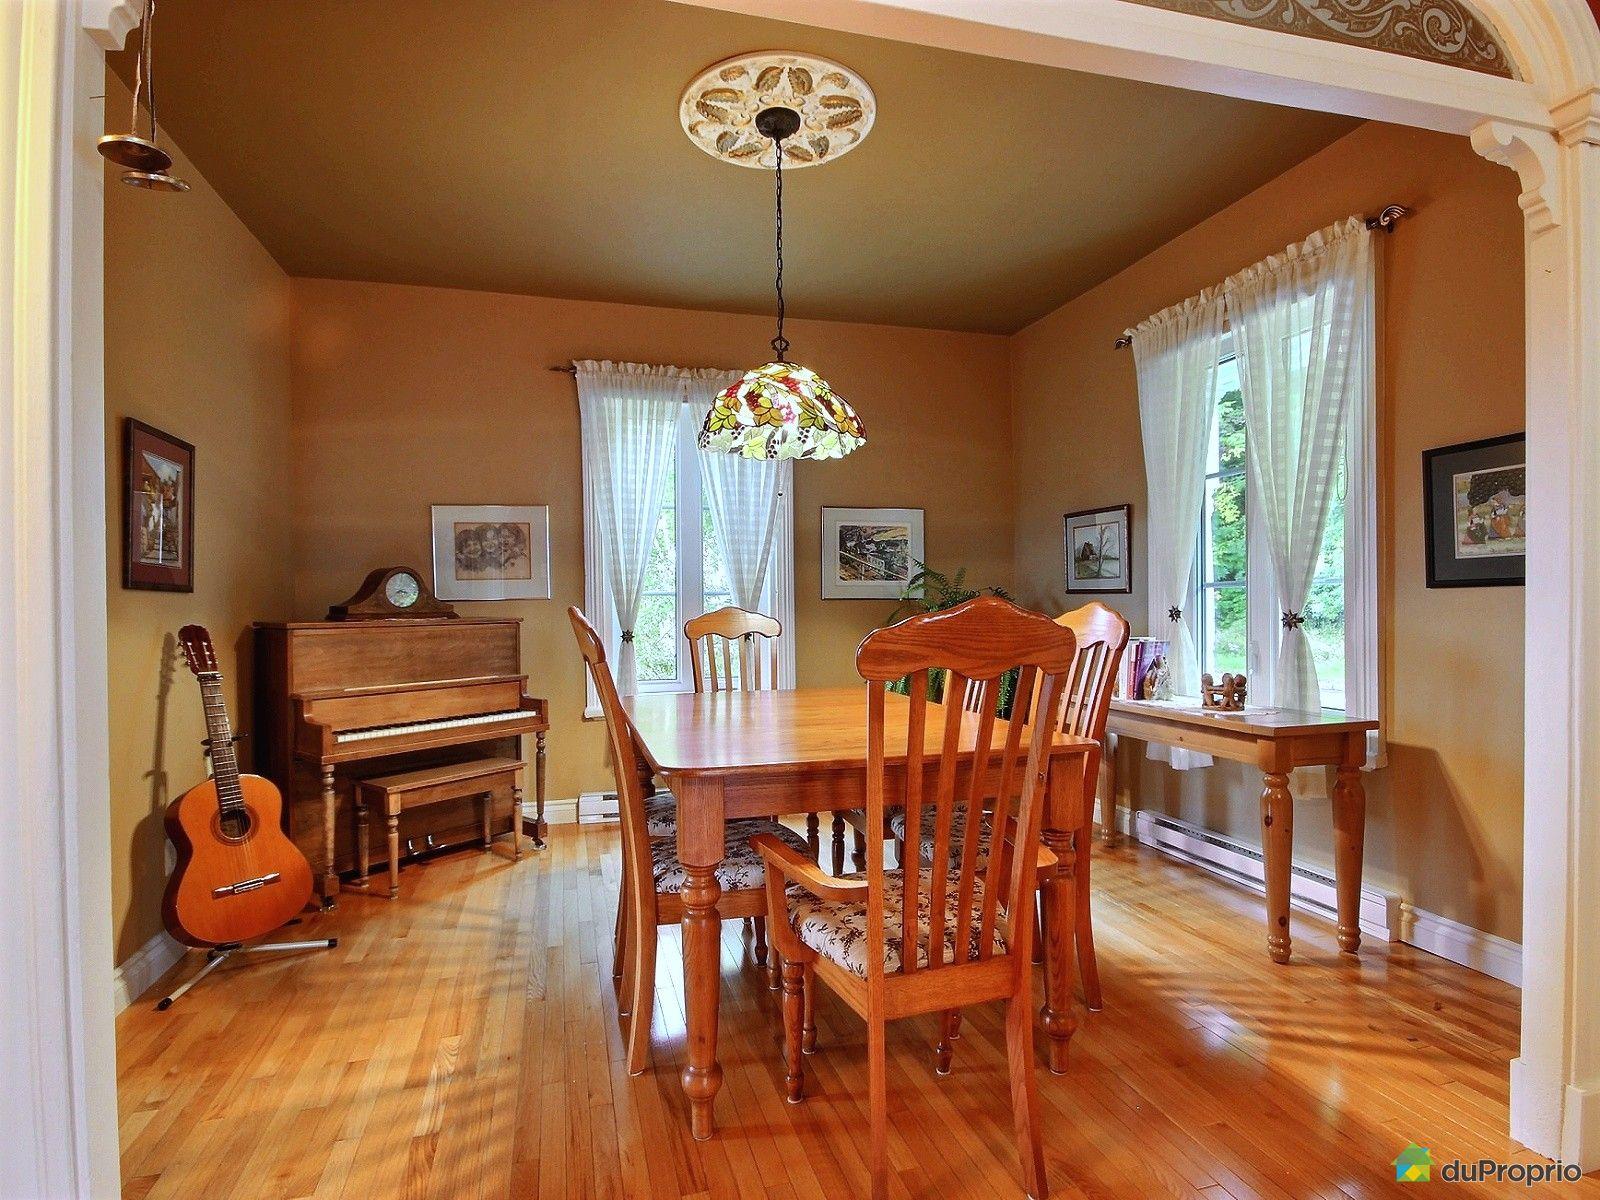 Maison Vendre Ch Teau Richer 8440 Avenue Royale